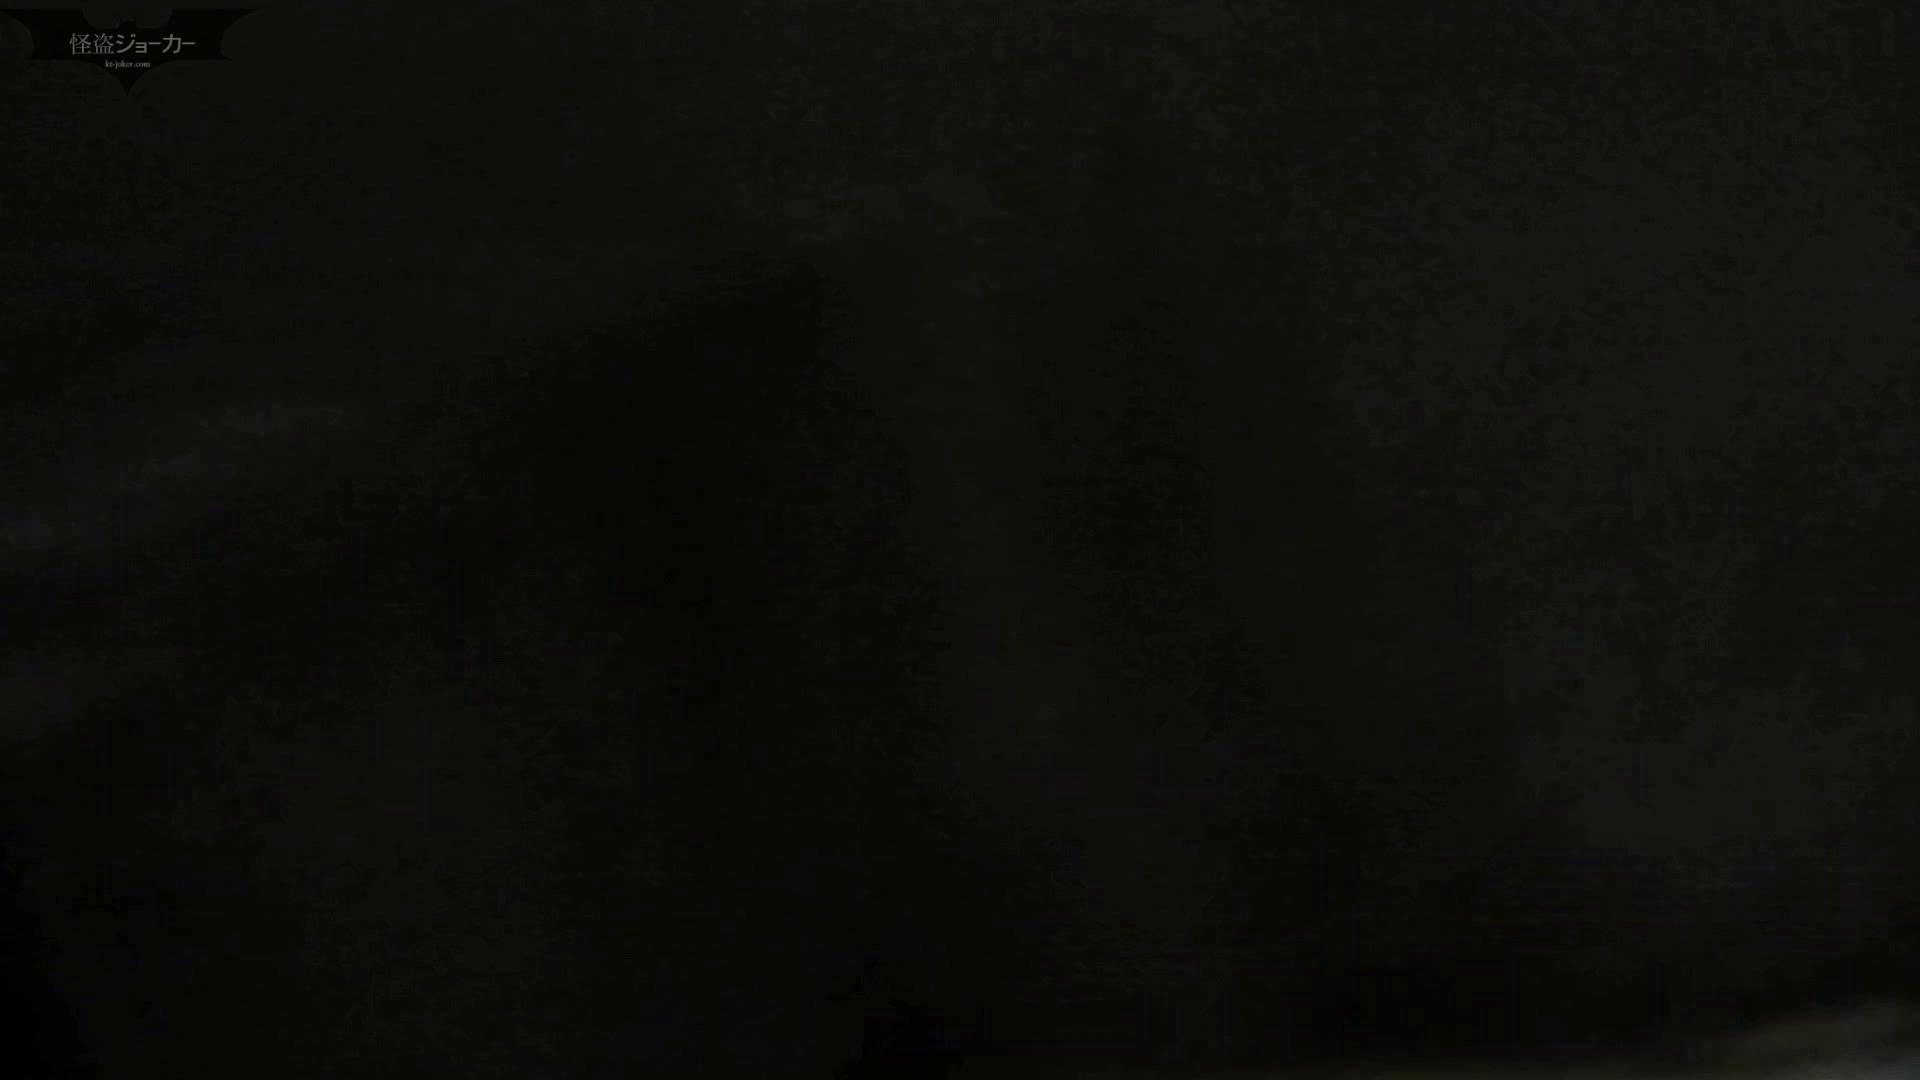 洗面所特攻隊 vol.56 白濁まみれのごっつい一本!!技あり 丸見え | ギャル達  110枚 29